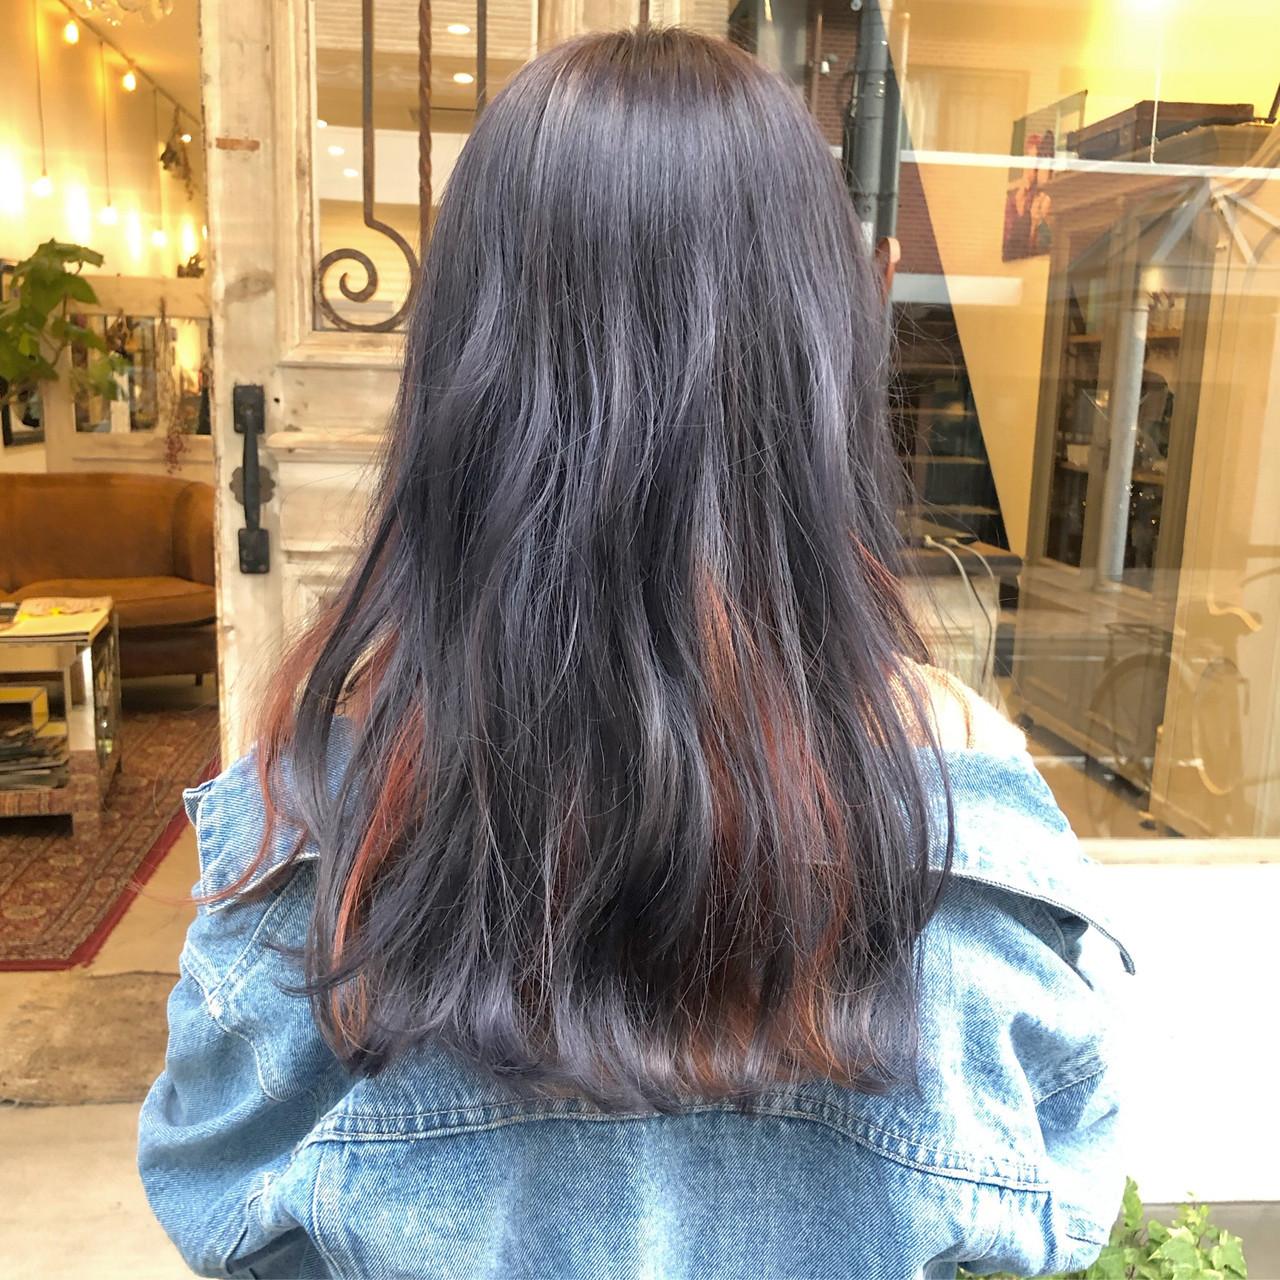 ダブルカラー ストリート セミロング アンニュイほつれヘア ヘアスタイルや髪型の写真・画像